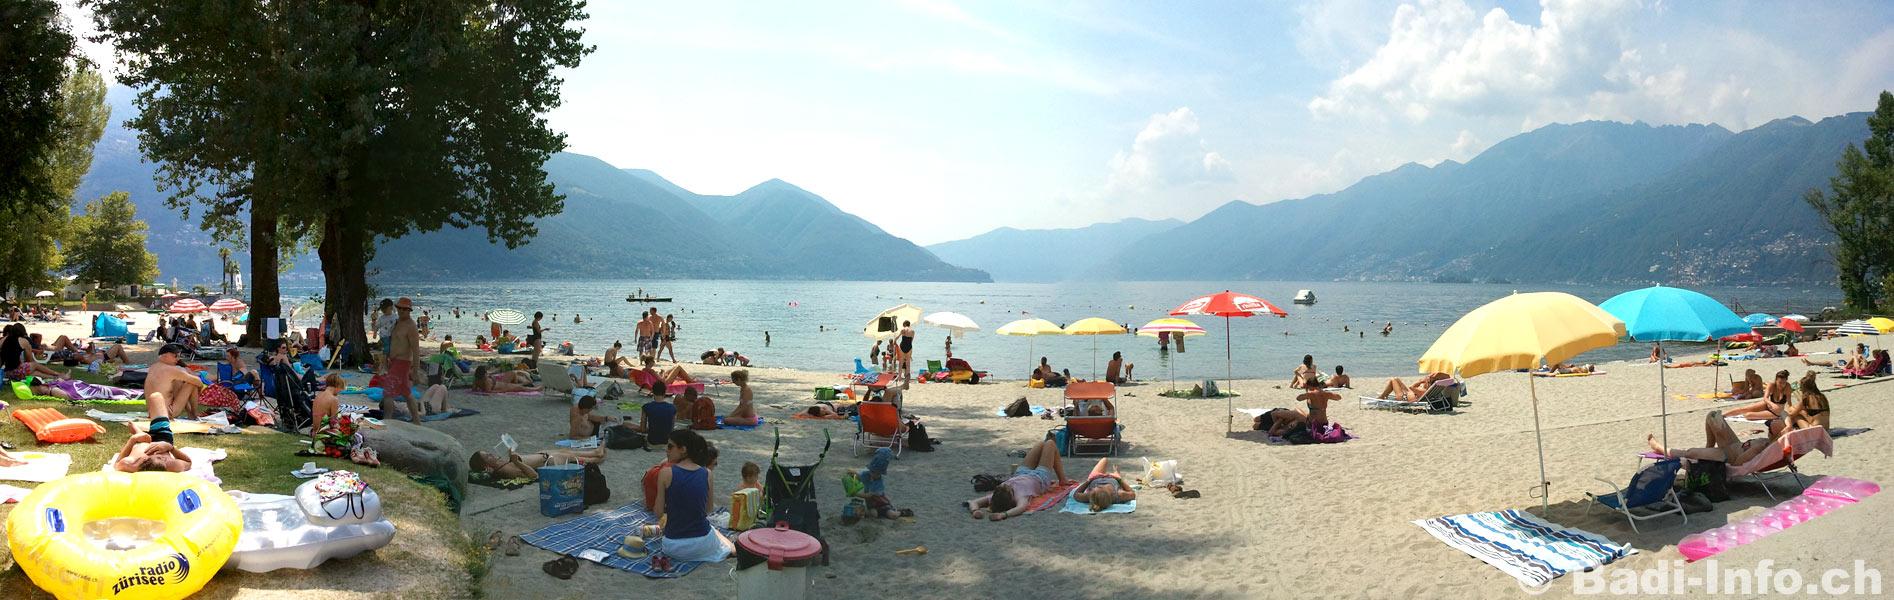 Ascona baden am lago maggiore - Bagno pubblico ascona ...